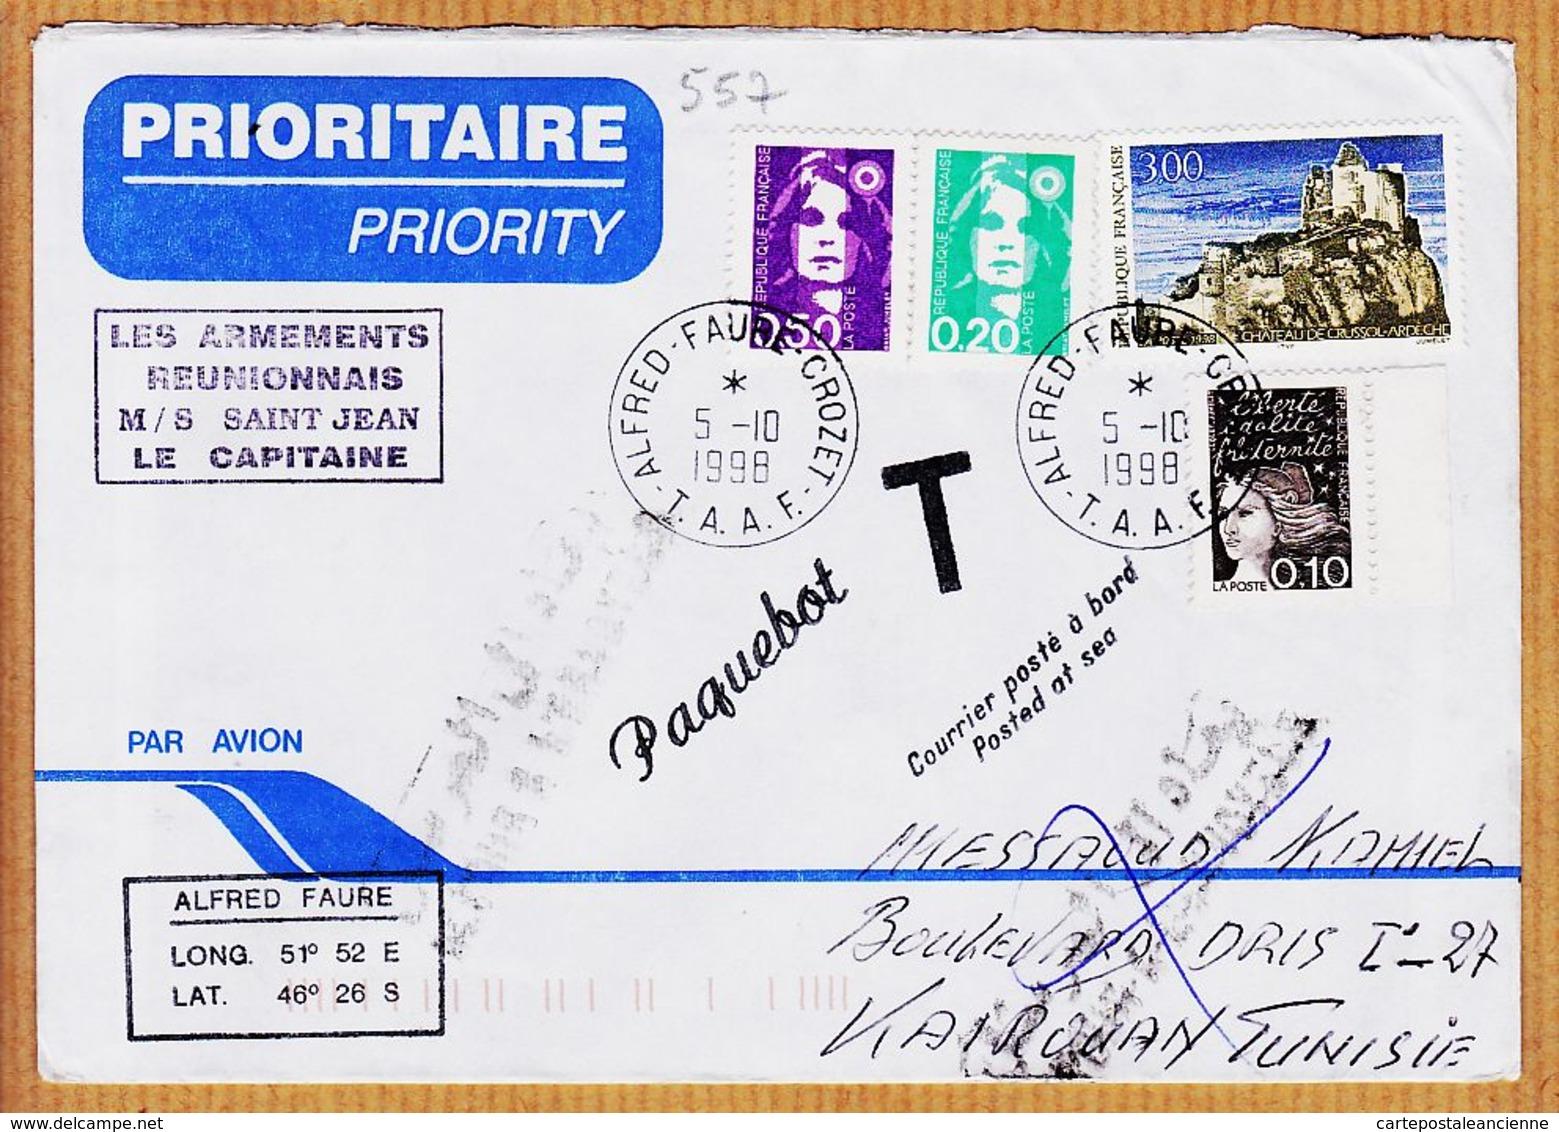 M045 TAAF NON DISTRIBUE Armements Reunionnais M/S SAINT-JEAN Le Capitaine Posté En Mer 1998 ALFRRED-FAURE CROZET - Terres Australes Et Antarctiques Françaises (TAAF)